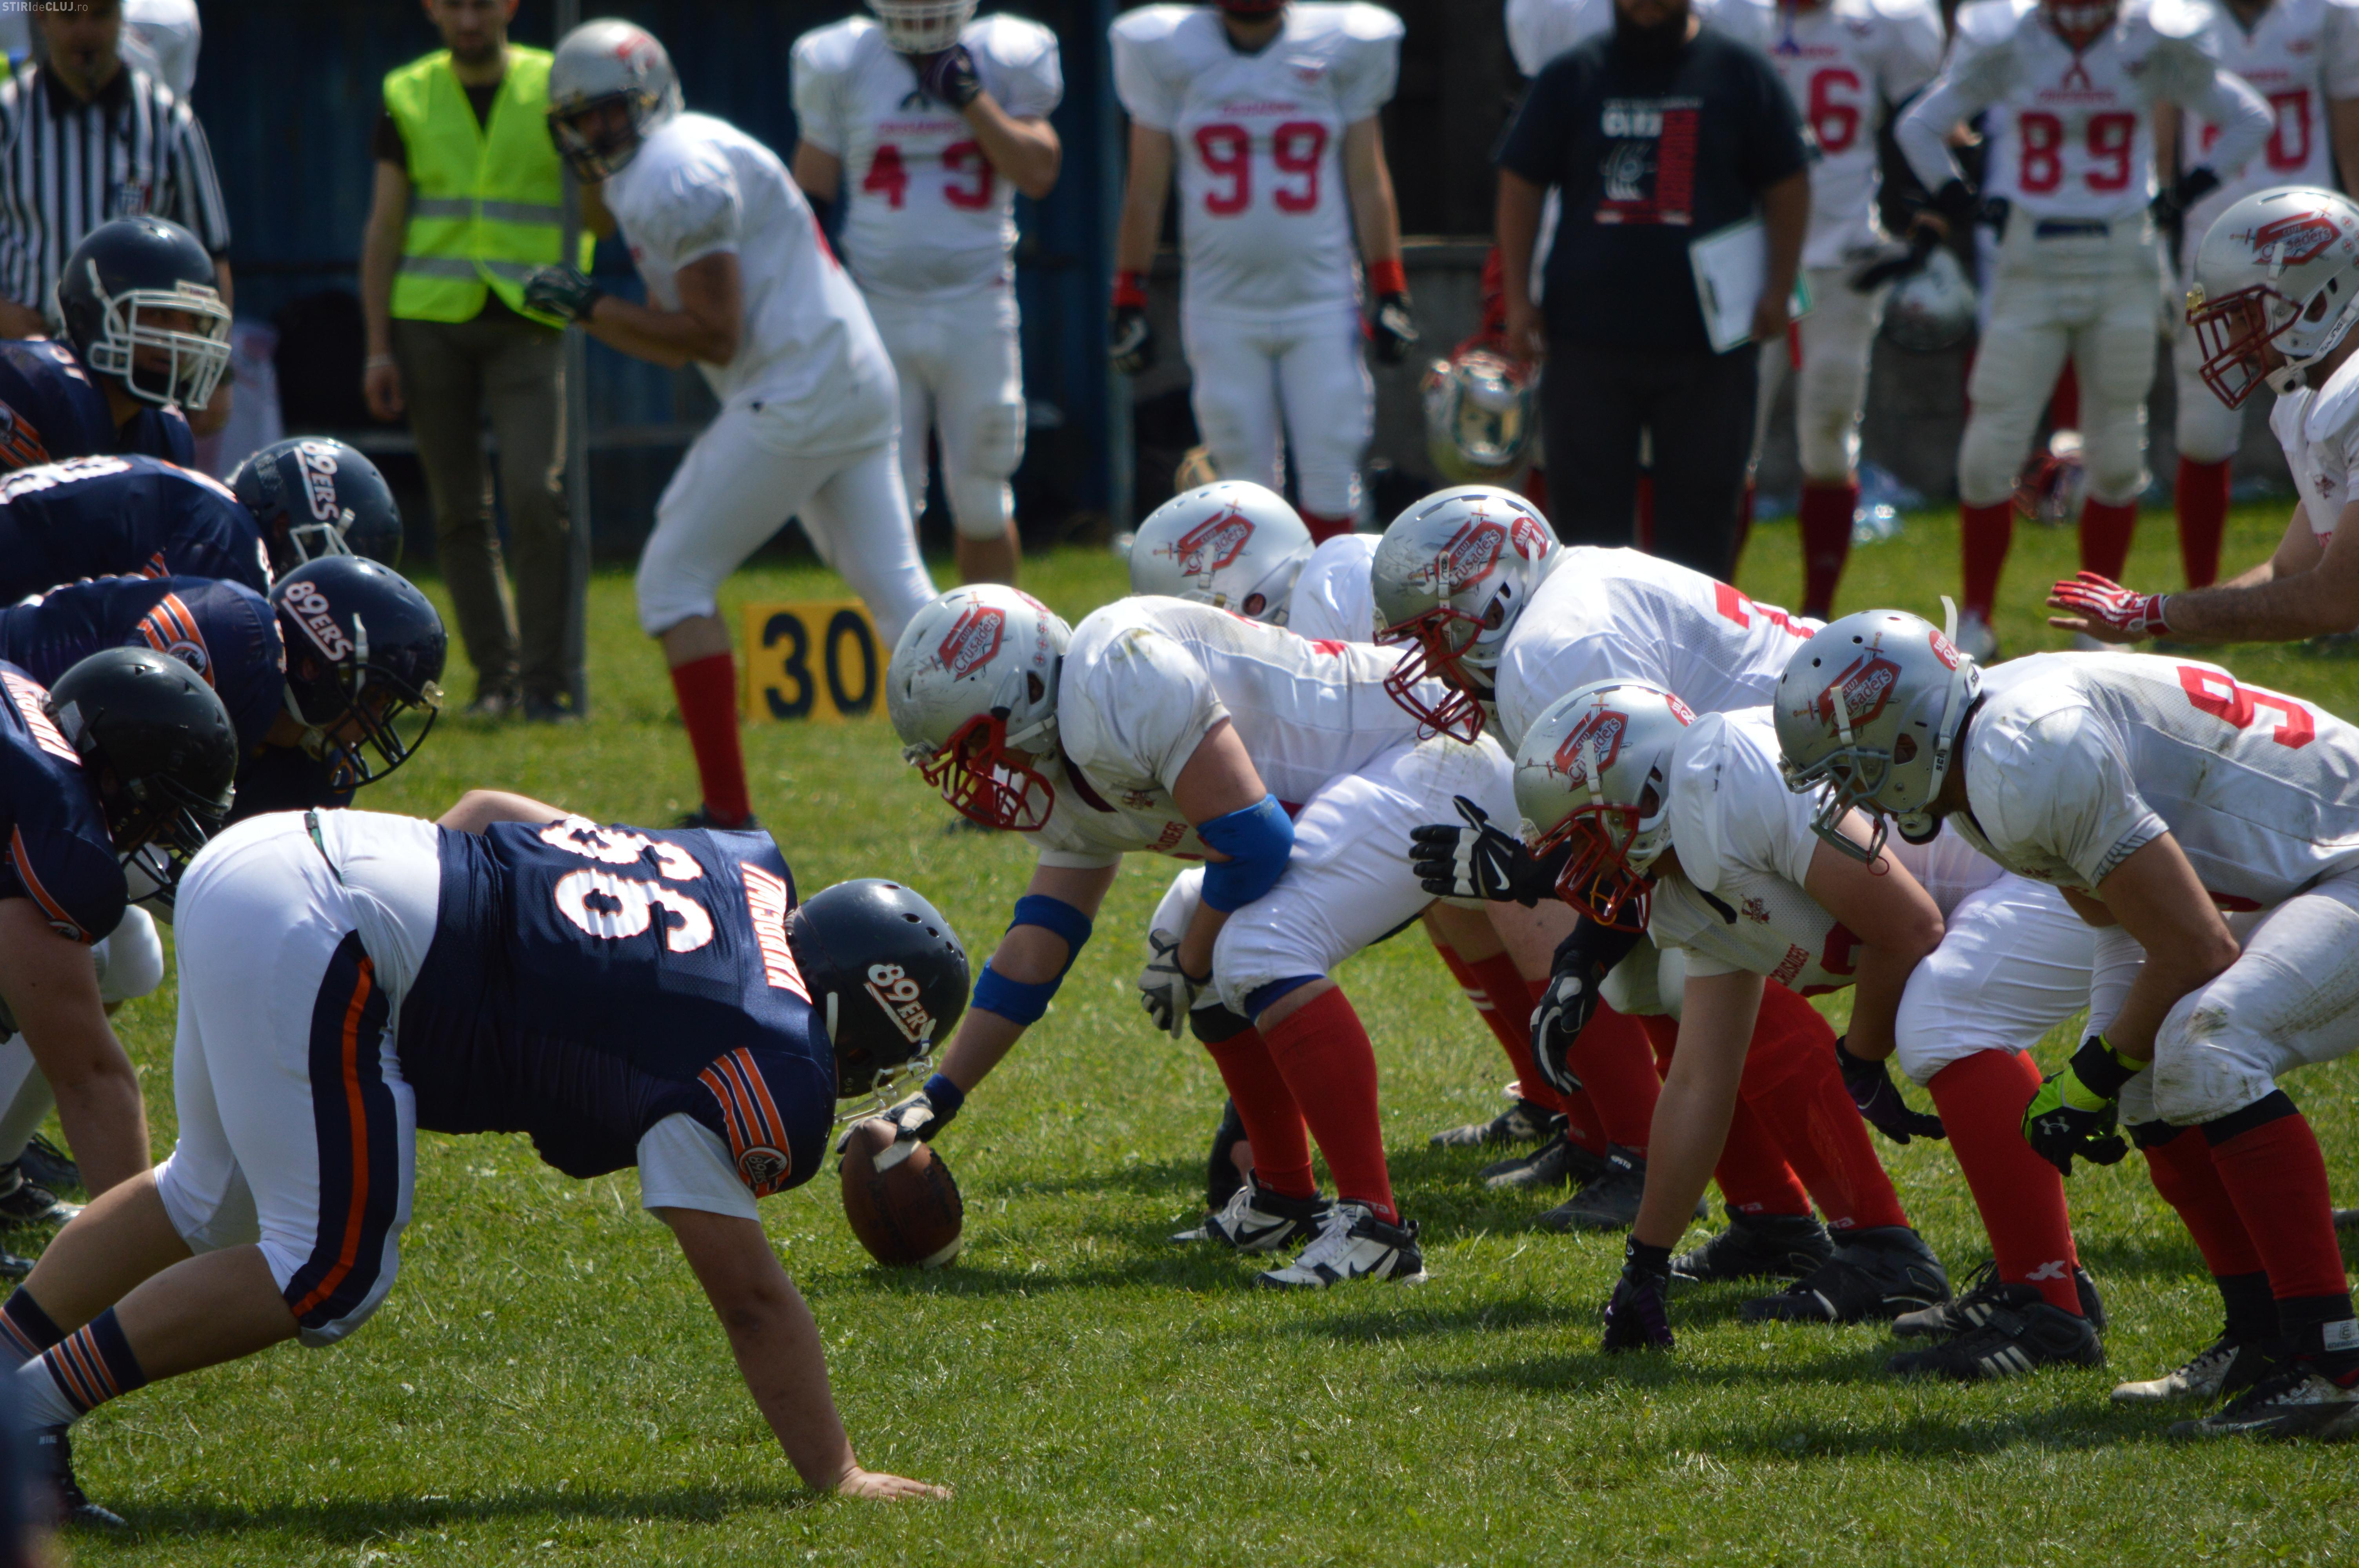 Cluj Crusaders a învins Timişoara 89ers și a câștigat derby -ul Campionatului Naţional de Fotbal American